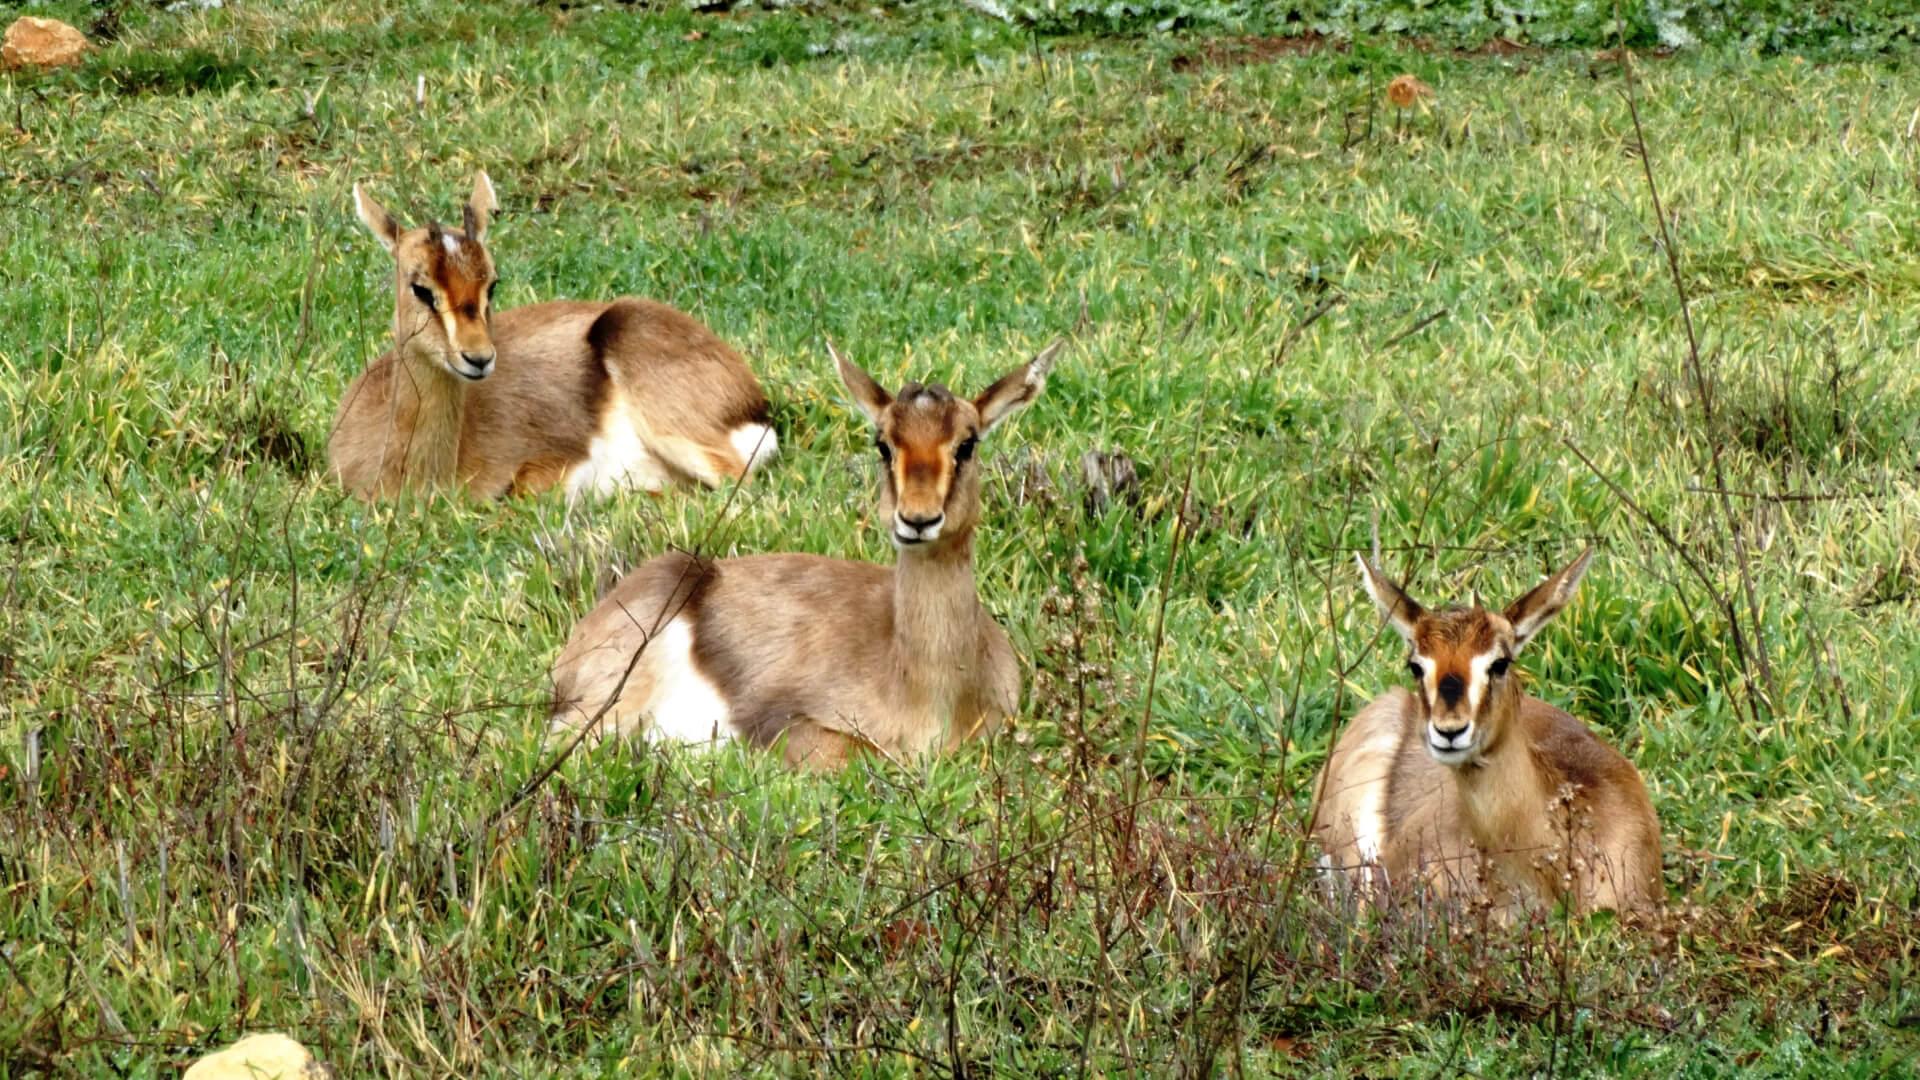 שלושה צבאים בעמק הצבאים בירושלים יושבים על הדשא